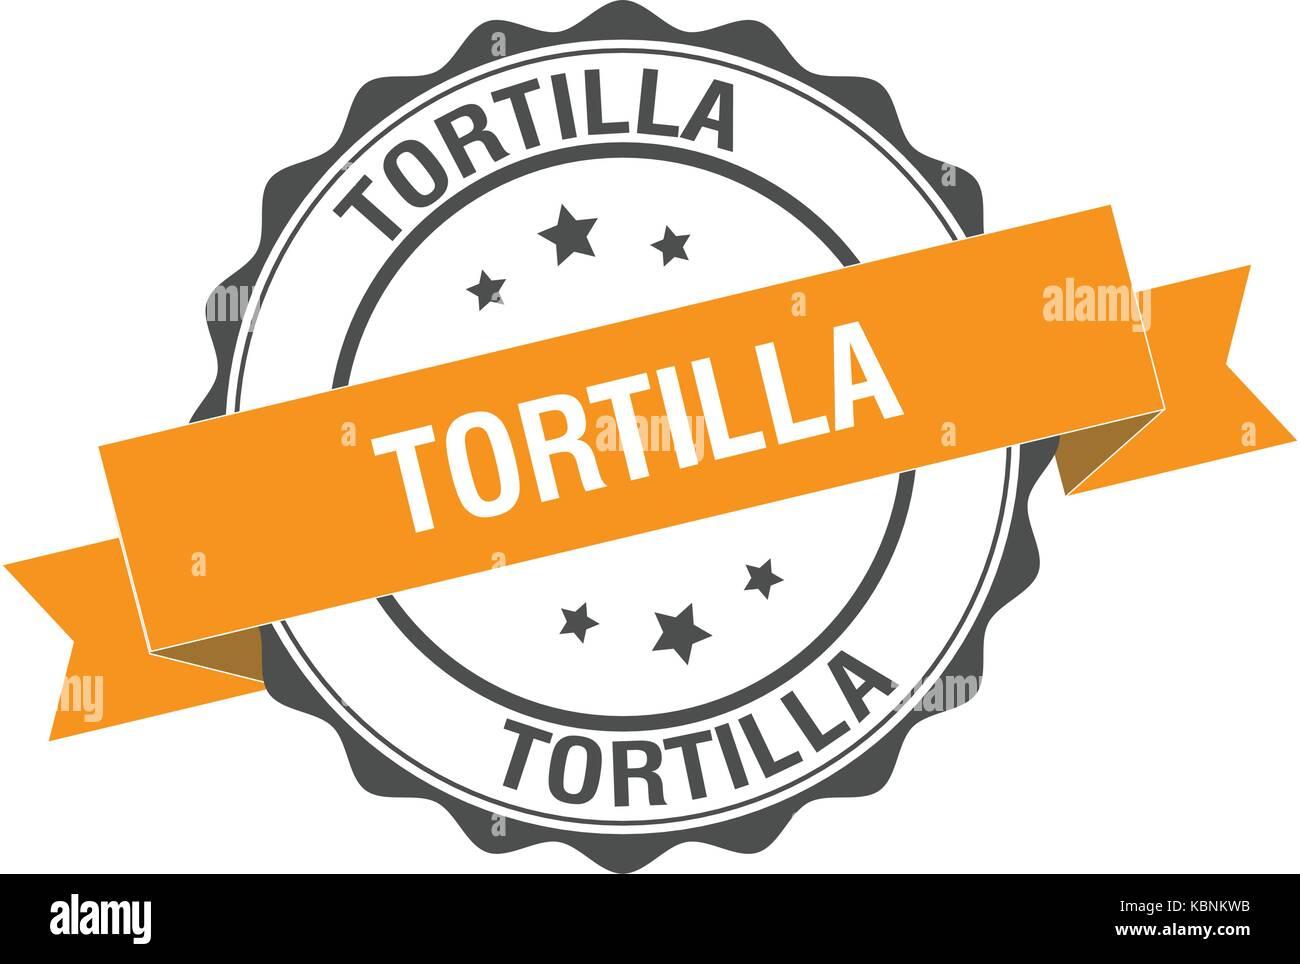 Tortilla Vector Vectors Stockfotos & Tortilla Vector Vectors Bilder ...